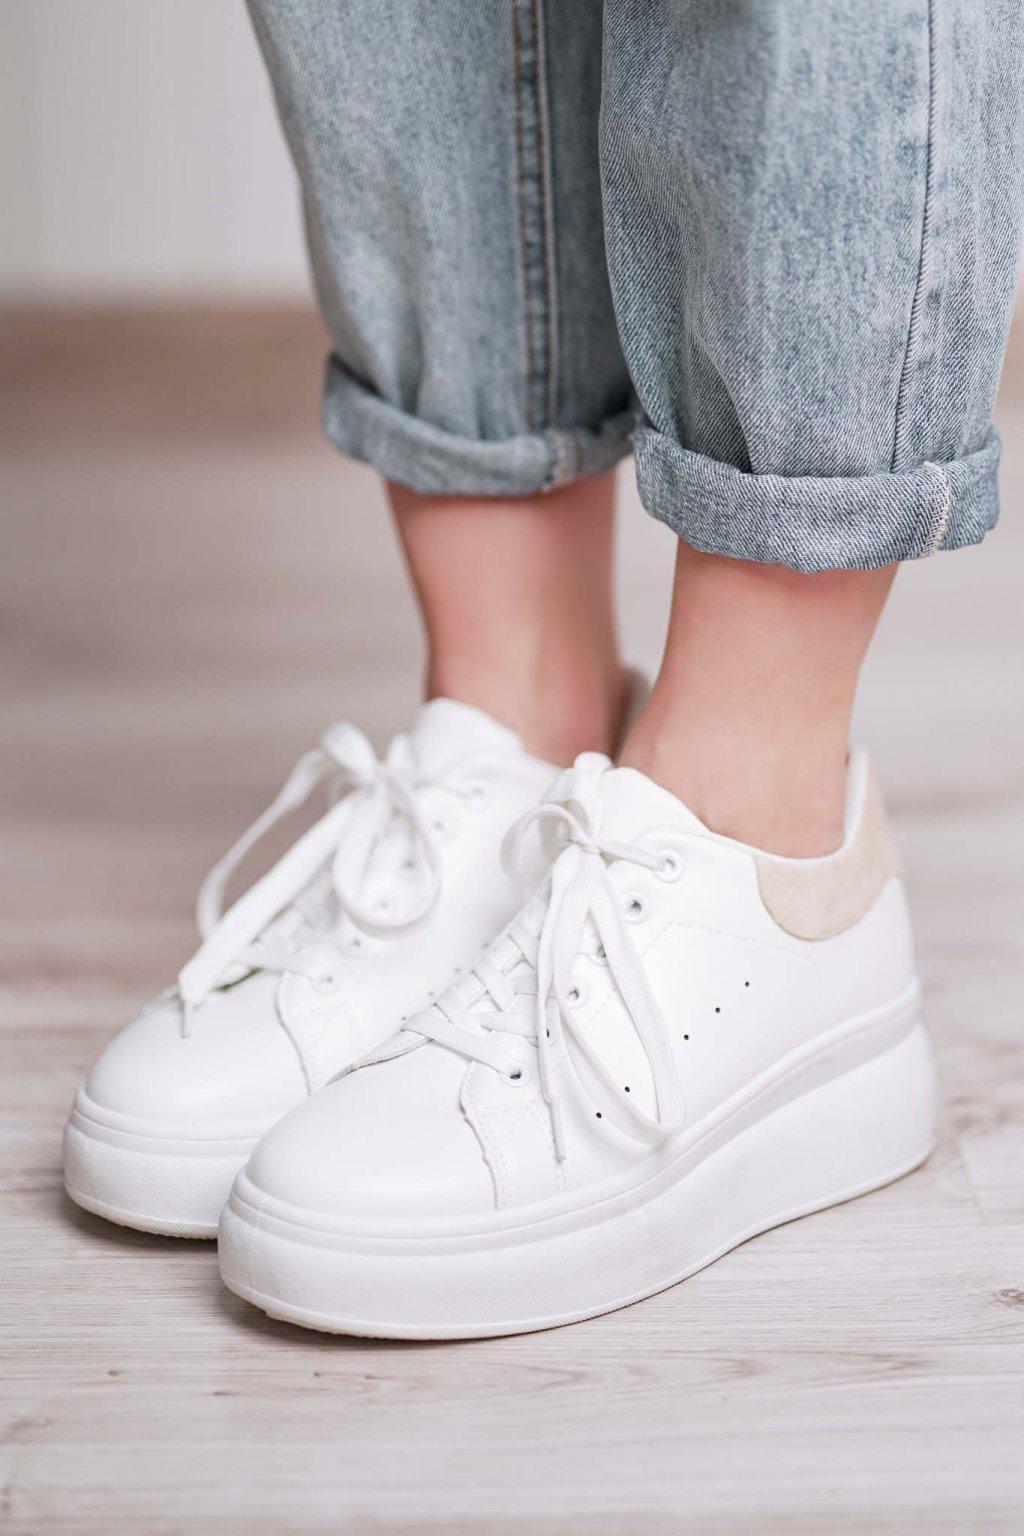 topánky, obuv, tenisky, botasky, lodičky, čižmy, šľapky, sandálky 332